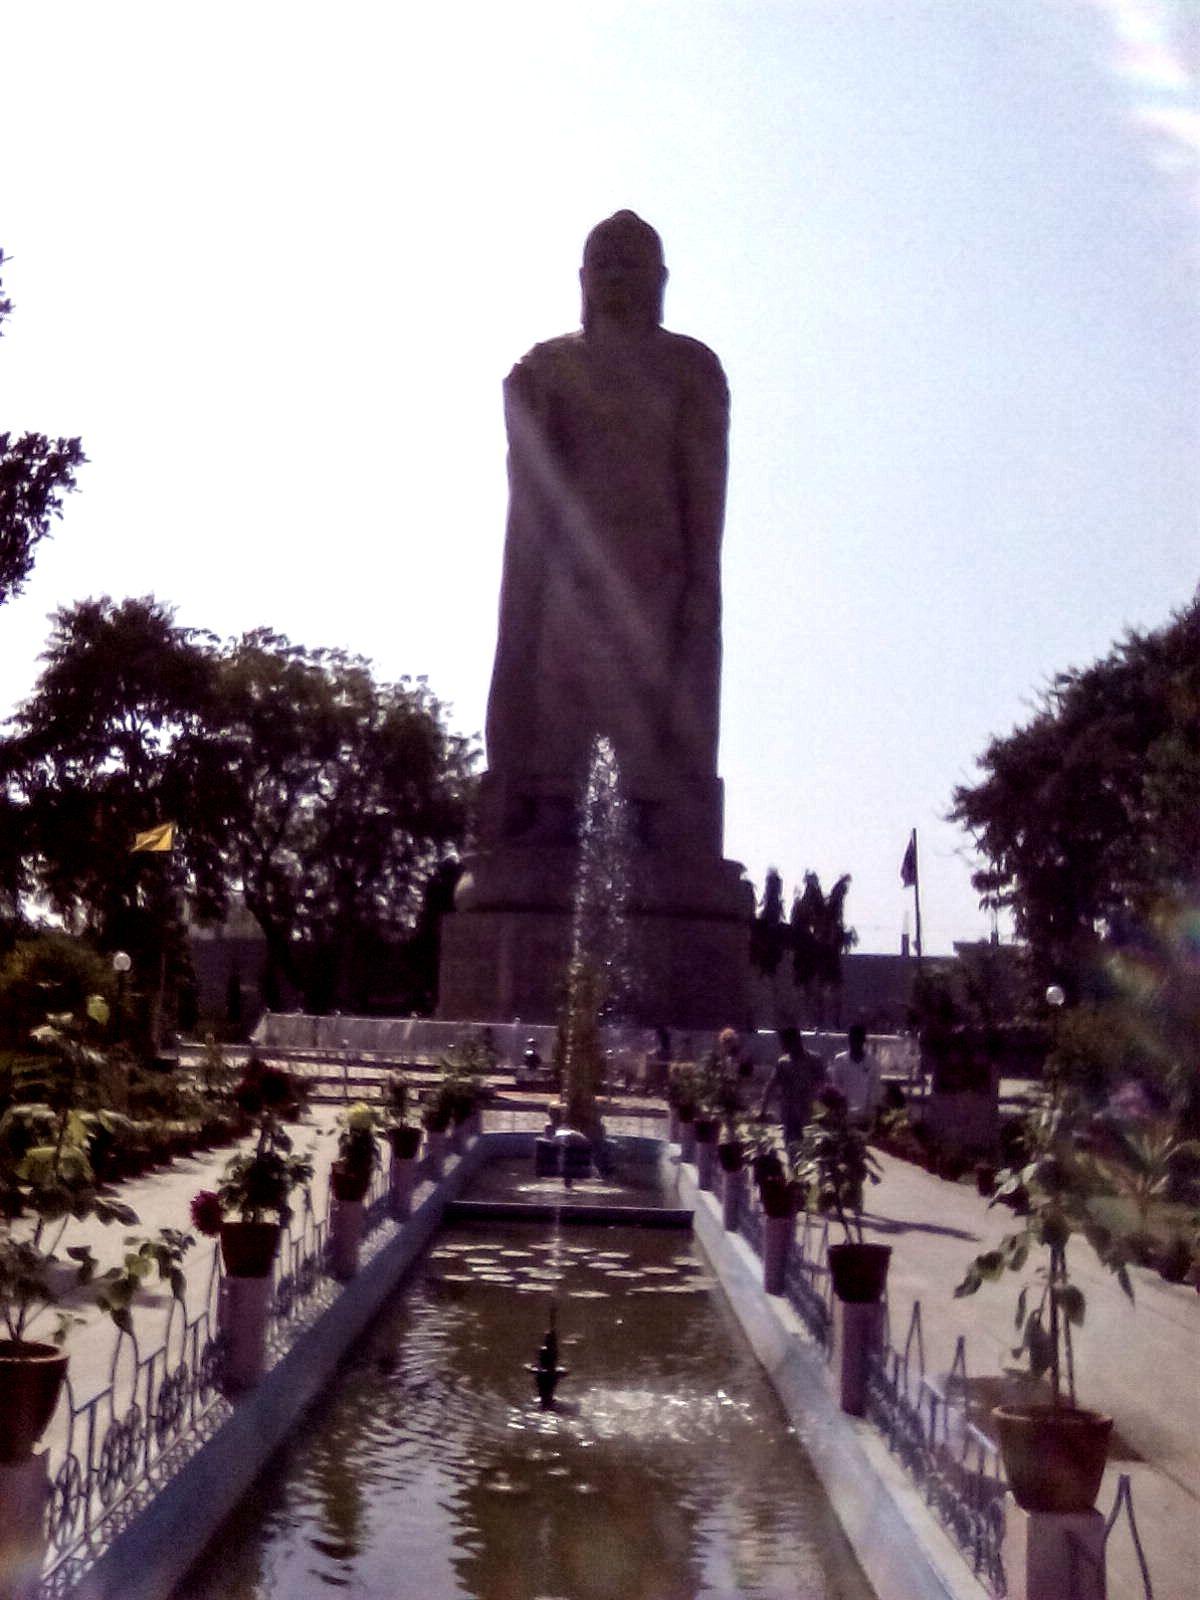 standing bouddha sarnath statue inde bouddhisme histoire